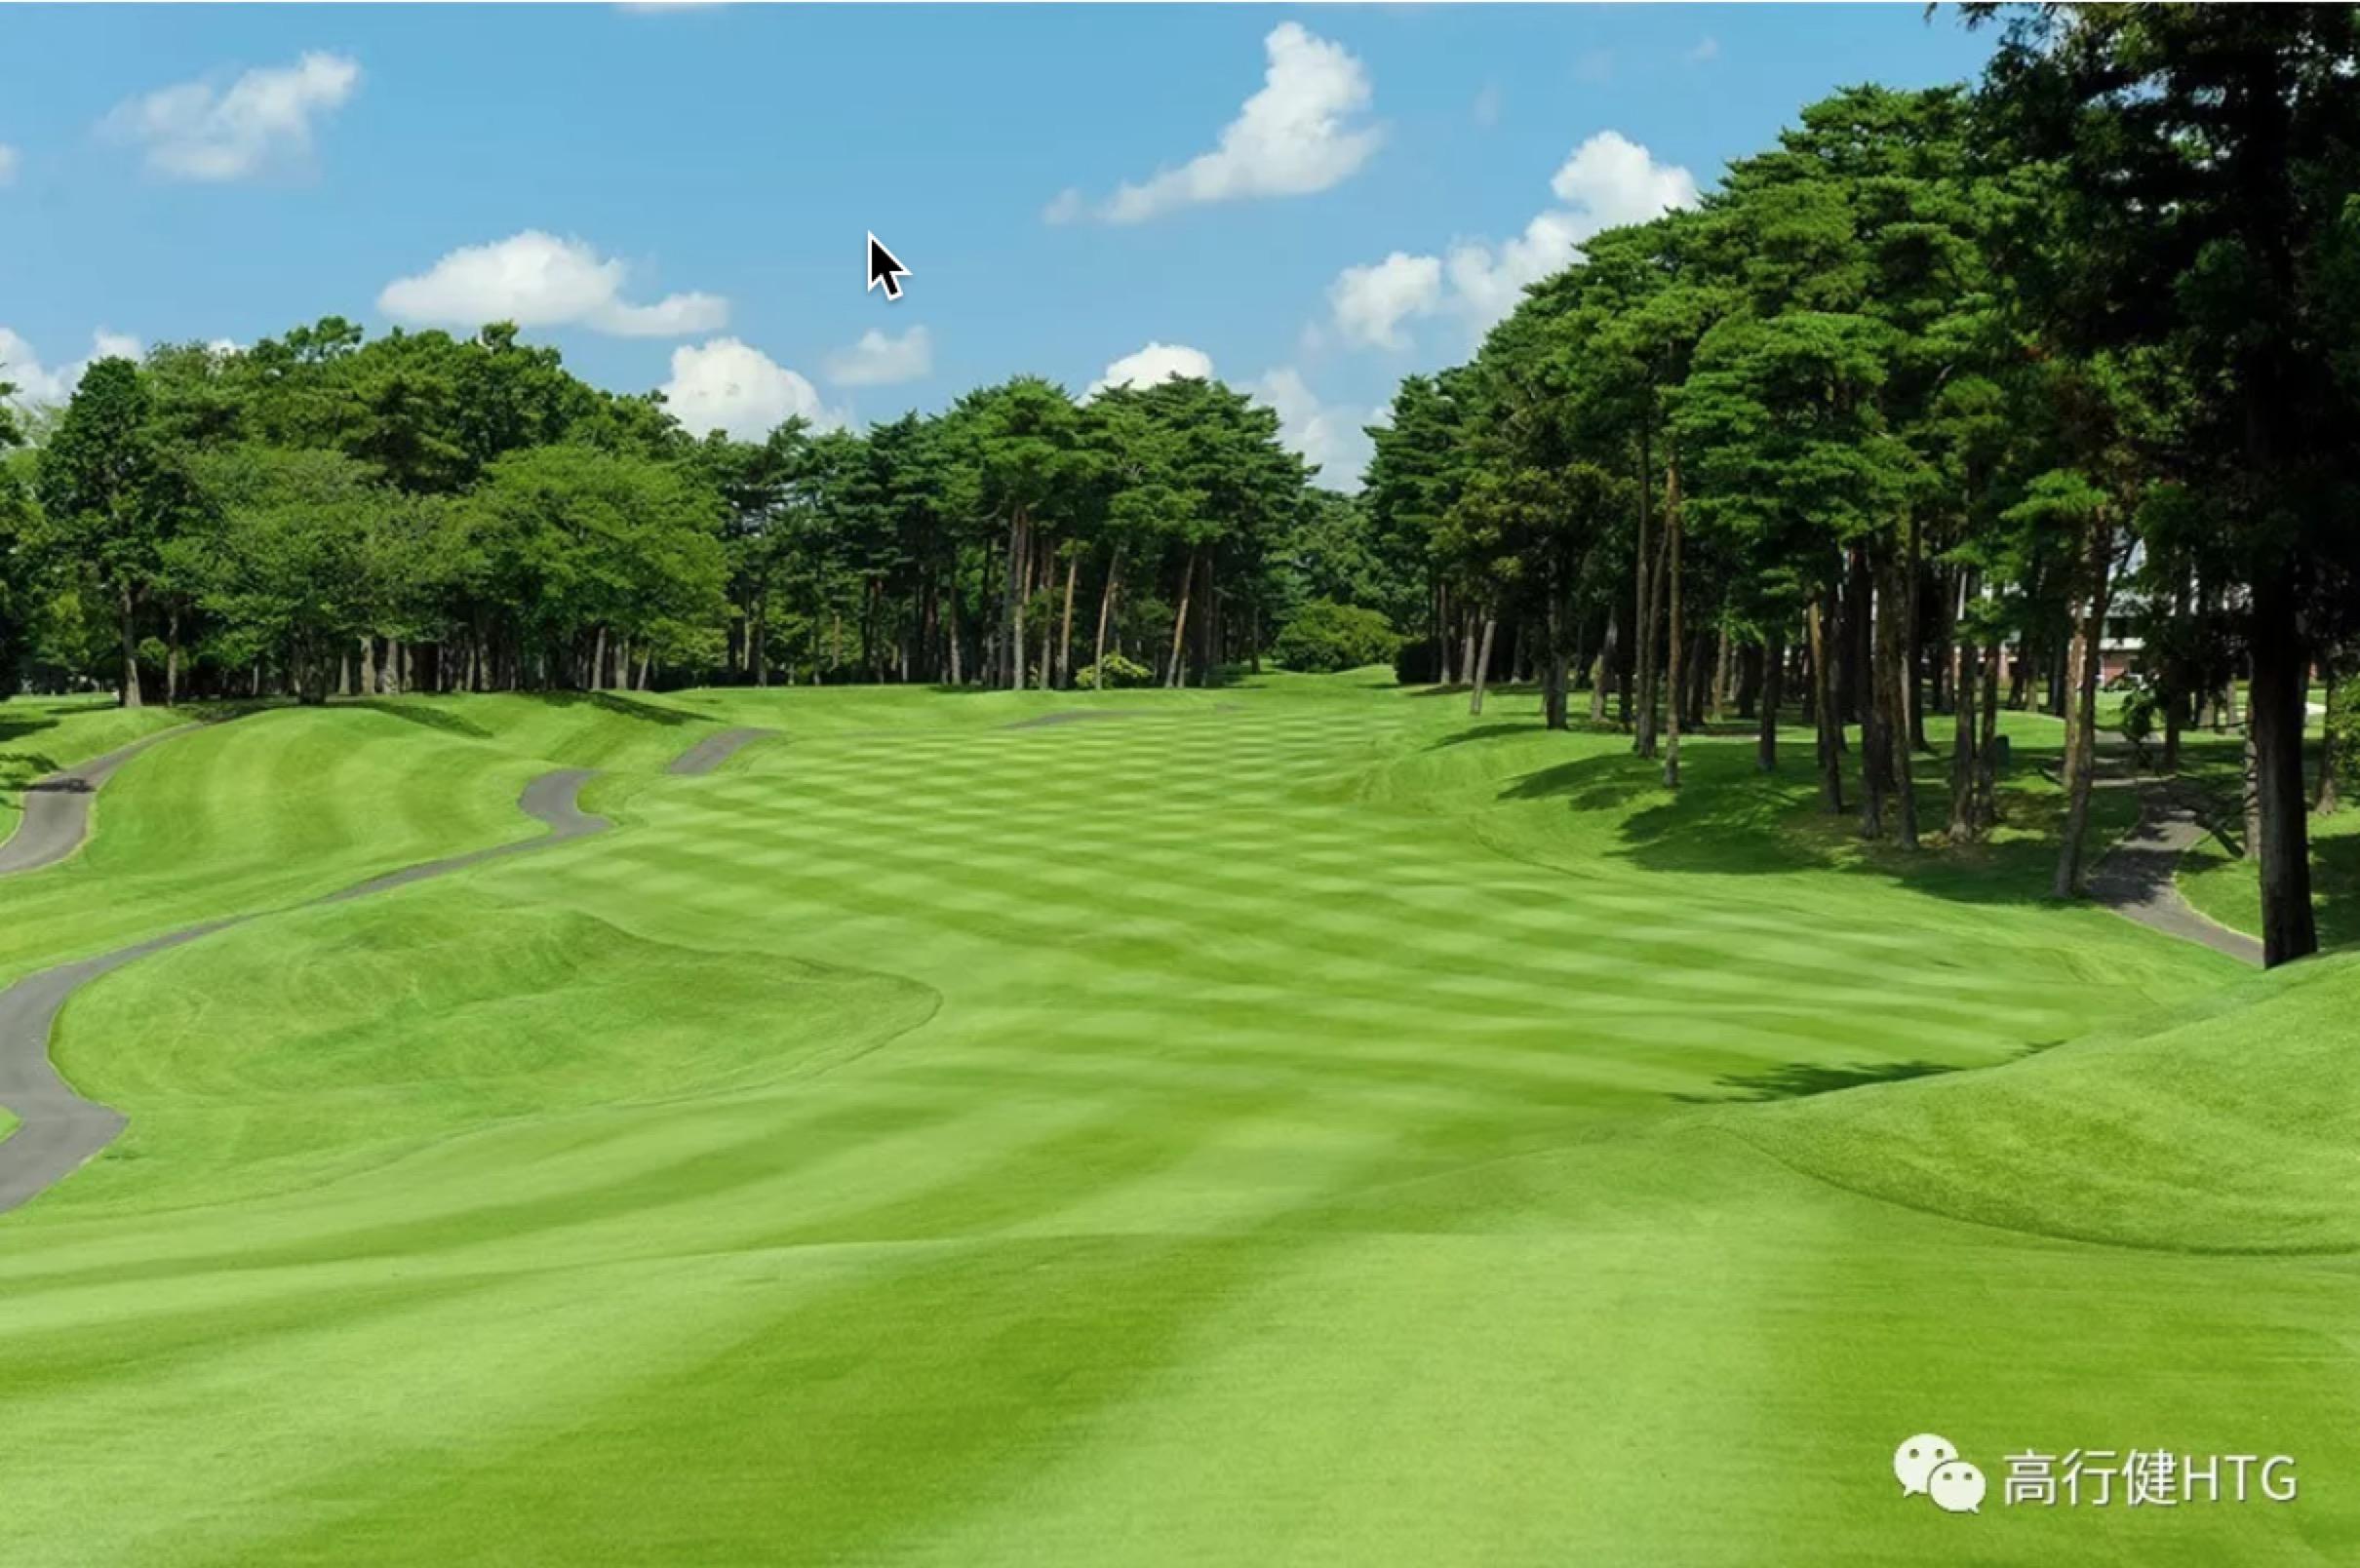 错过了会后悔!史上最低价东京高尔夫巡礼,仅限10人【点开有惊喜】-球包通